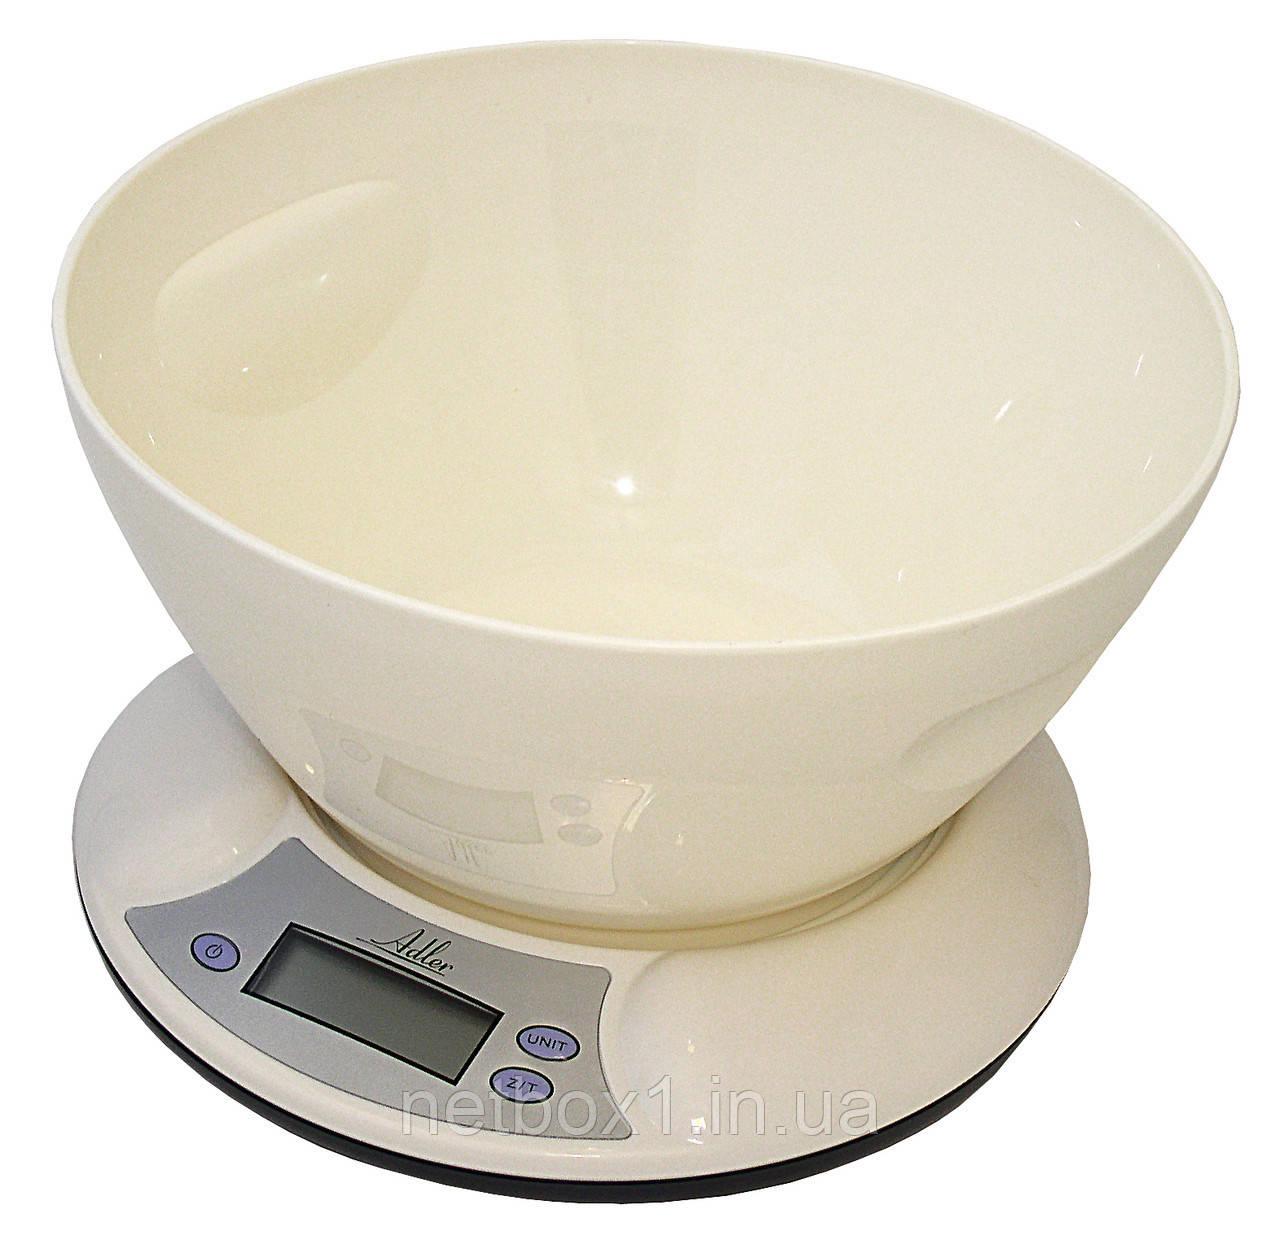 Весы кухонные Adler 3131